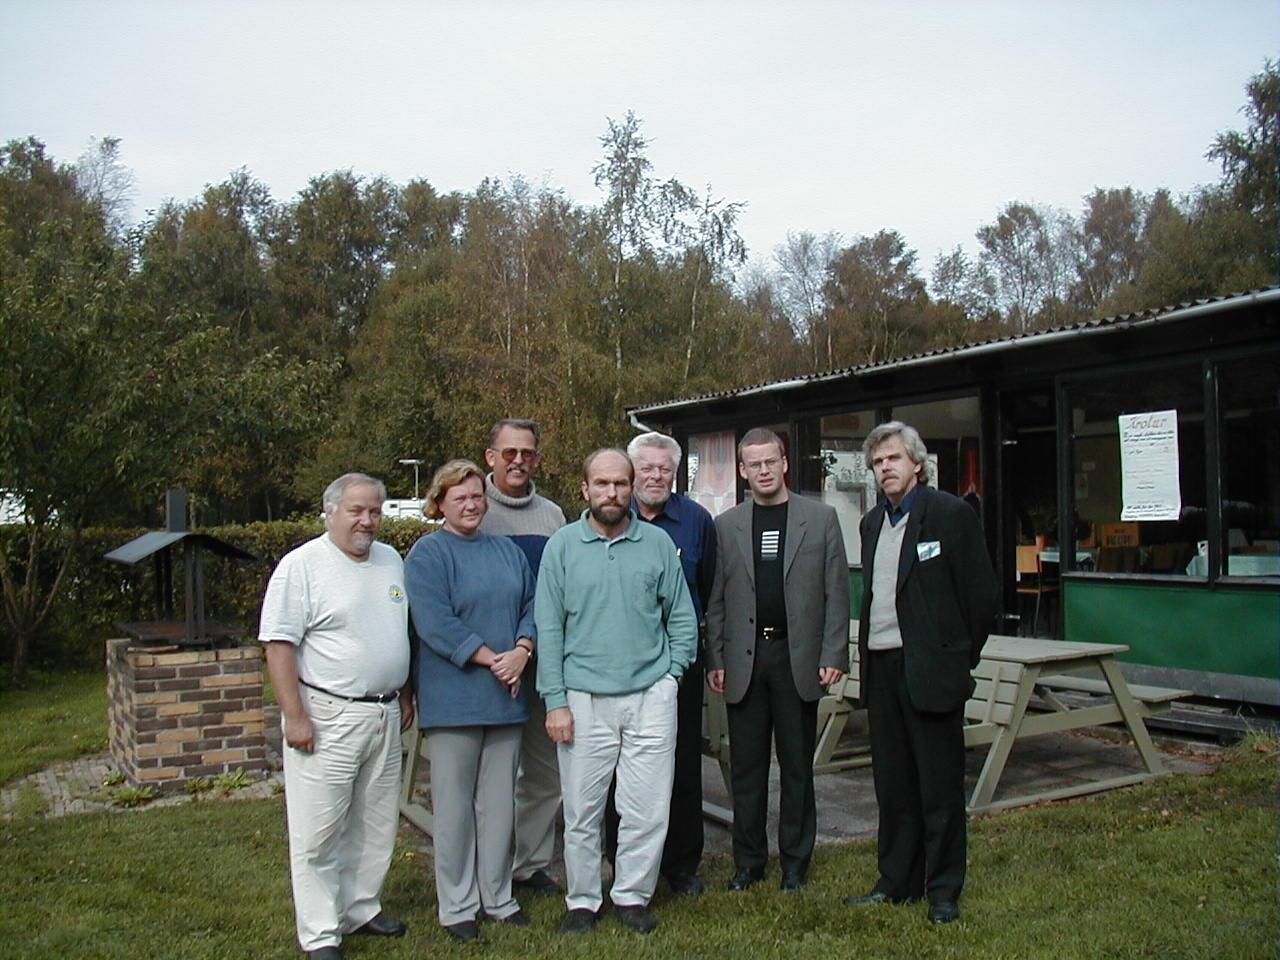 Beslut om SNP: Tony Möller, Eva Ruud, Eirik Isene, Jens Christian Nielsen, Sven Overgaard, Inge Halvorsen och Inge Gullander